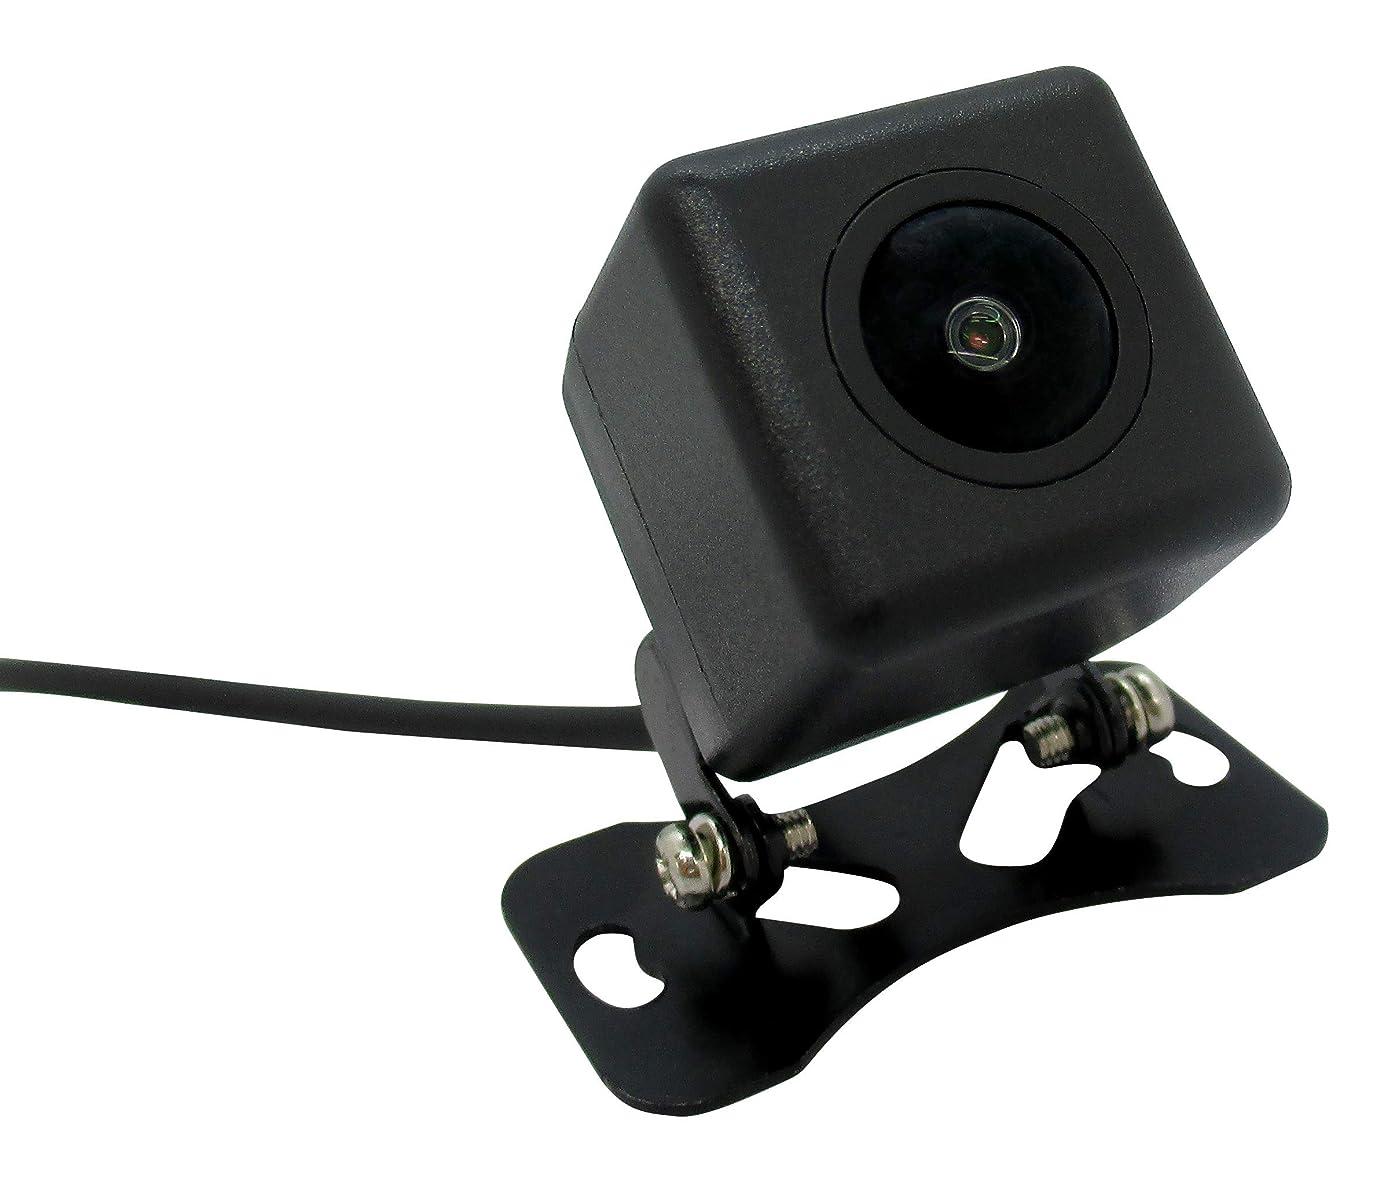 乗算作りますインディカBroadwatch 超小型 防犯カメラ 監視カメラ 超小型カメラ 防水 屋外使用可能 夜間撮影可能 広角レンズ採用 ブロードウォッチ